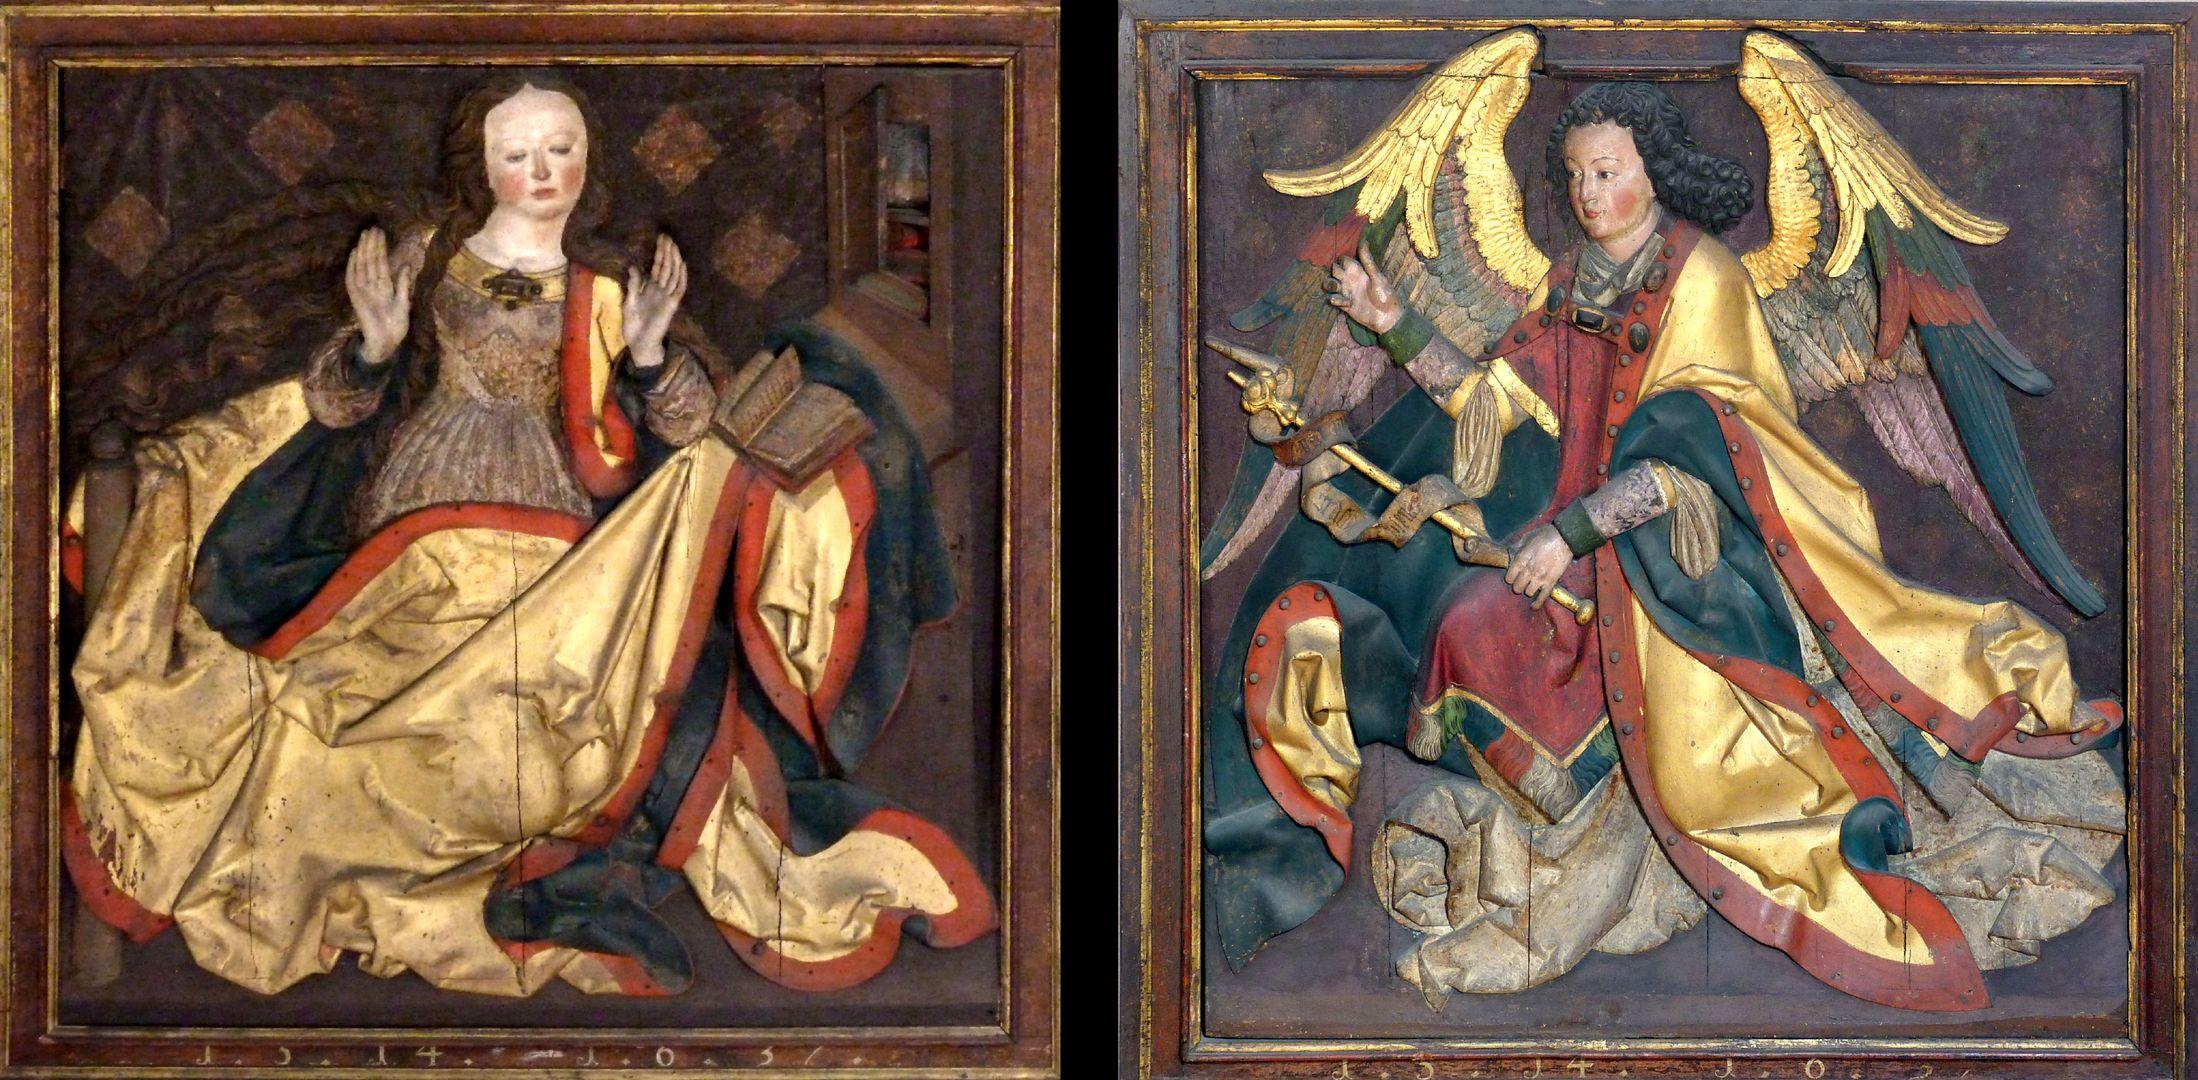 Reliefs einer Verkündigung Mariens Paneele eines verlorengegangenen Flügelaltars?